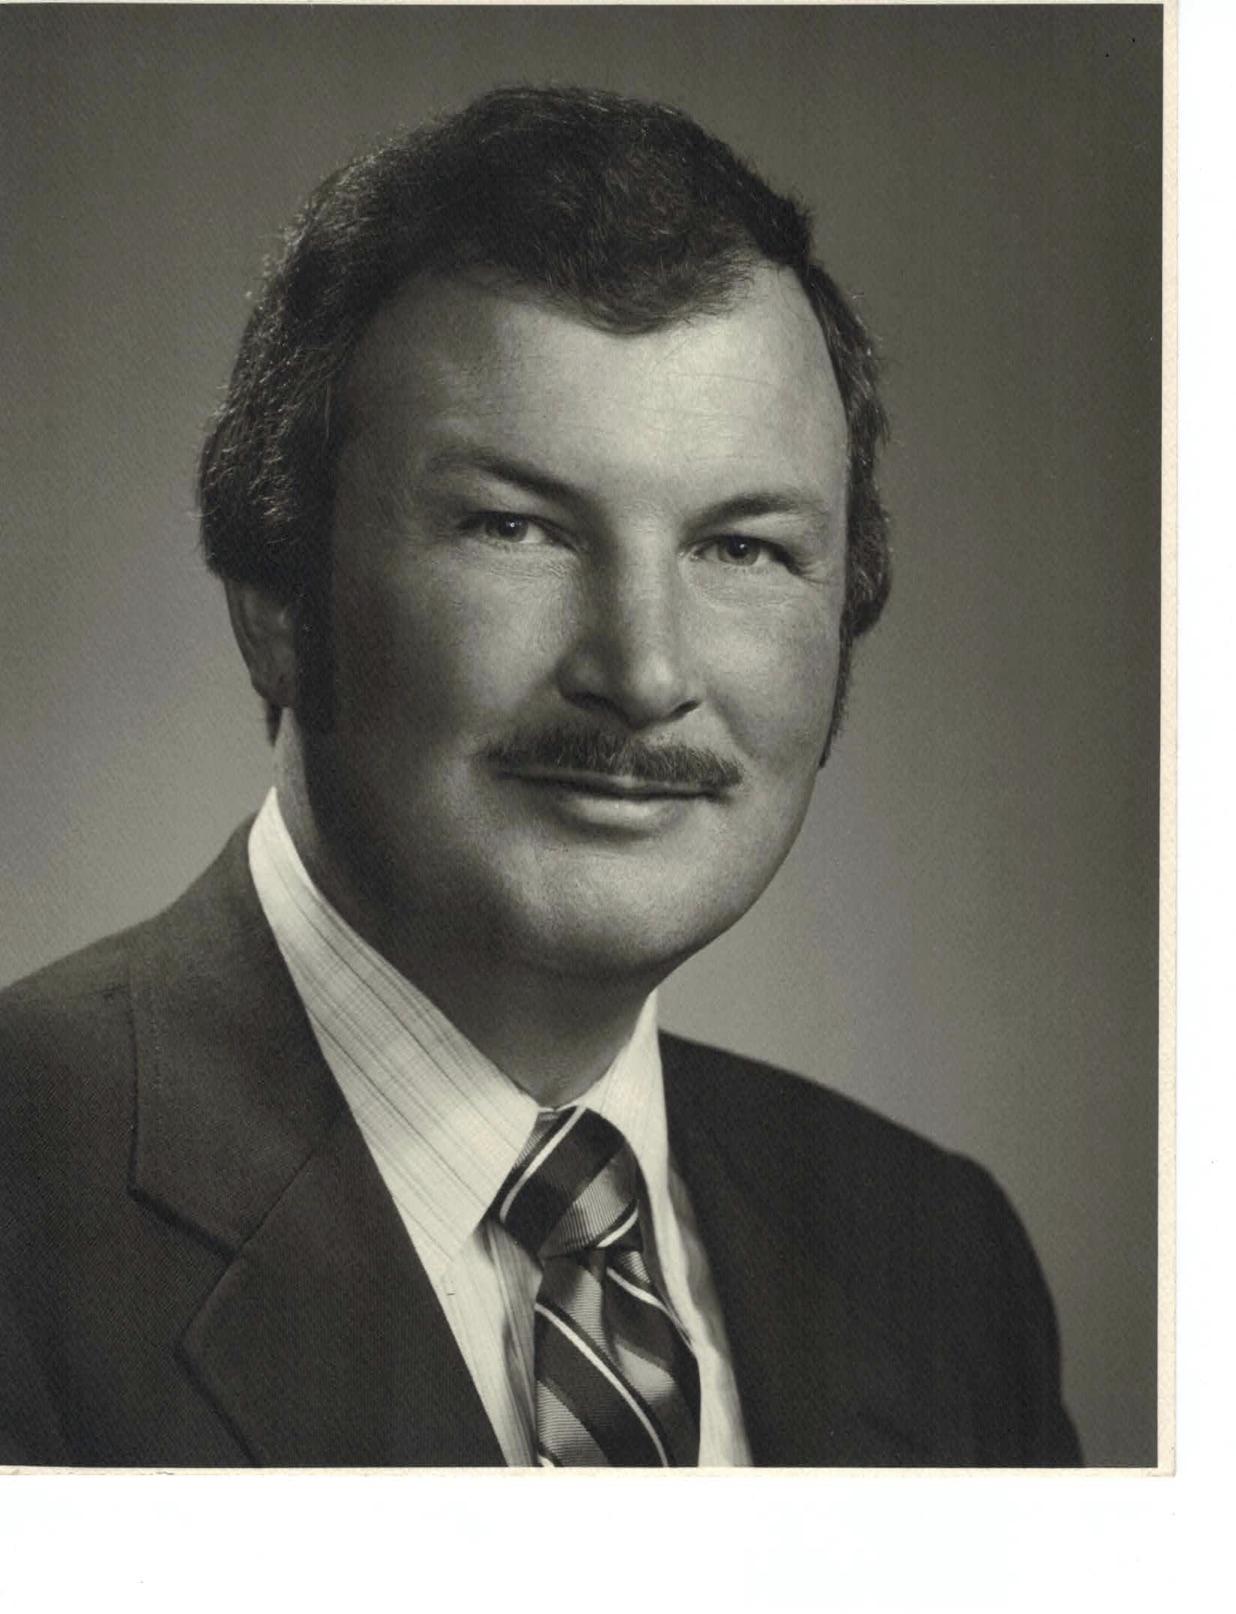 JAMES W. DUPAR 1978-79 copy